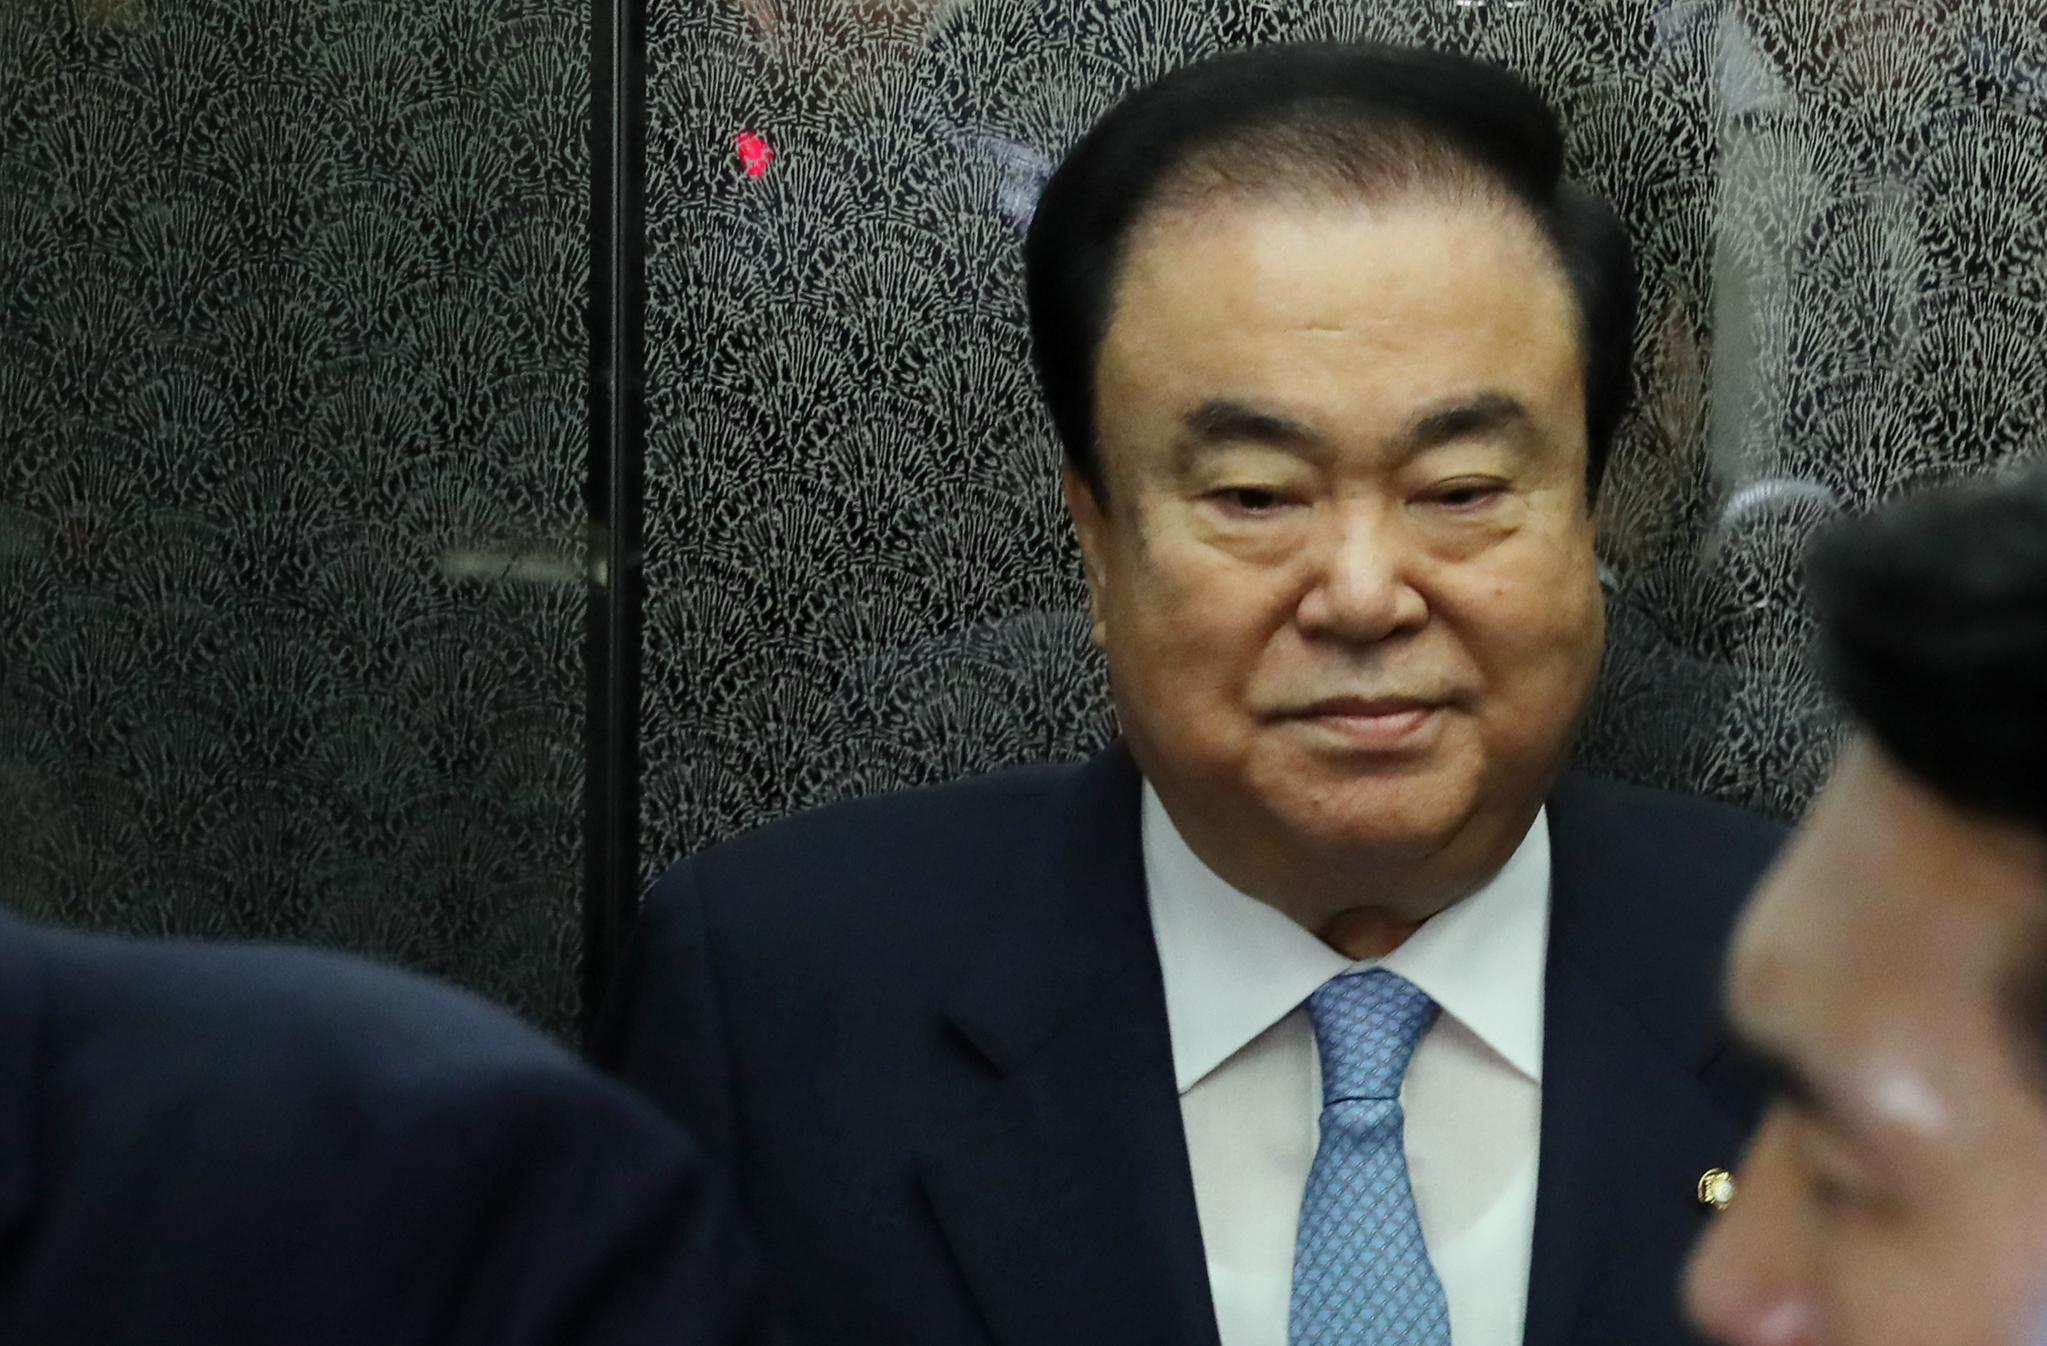 문희상 국회의장이 24일 오전 서울 여의도 국회에서 자유한국당 의원들의 항의에 피해 엘리베이터에 탑승해 있다. 김경록 기자